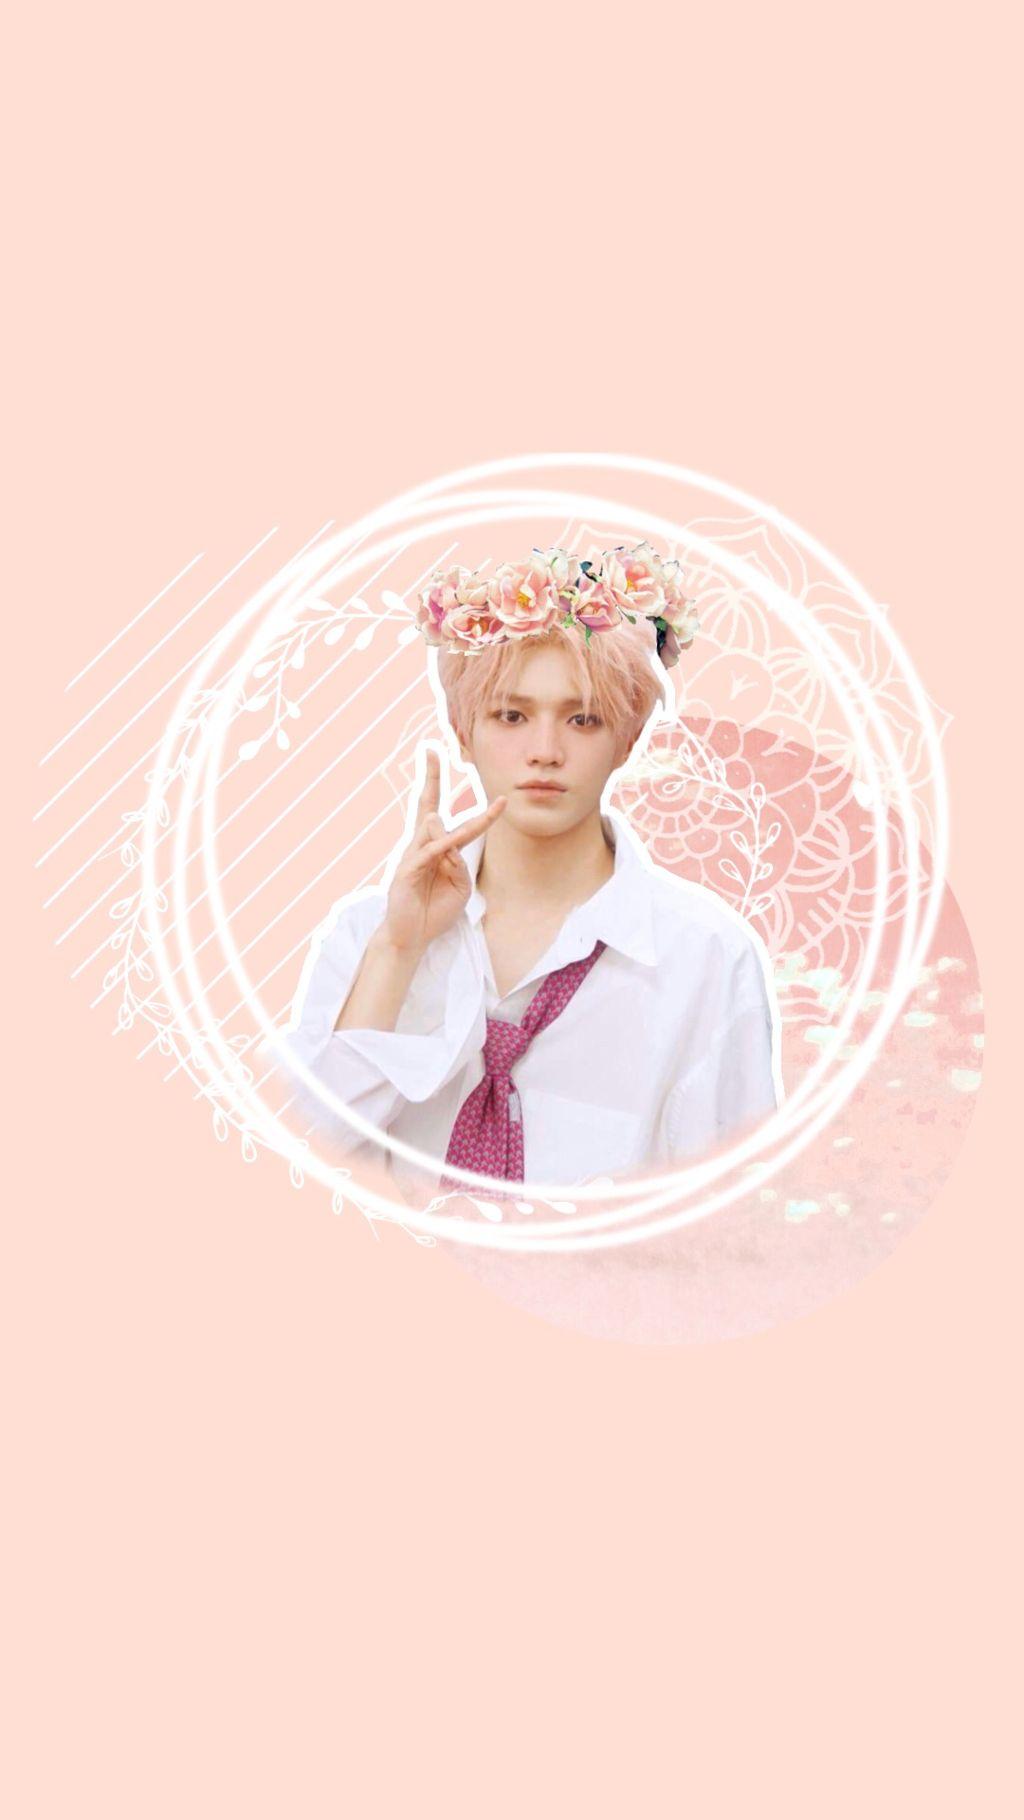 nct taeyong wallpaper nct taeyong ncttaeyong kpop peach 1024x1820